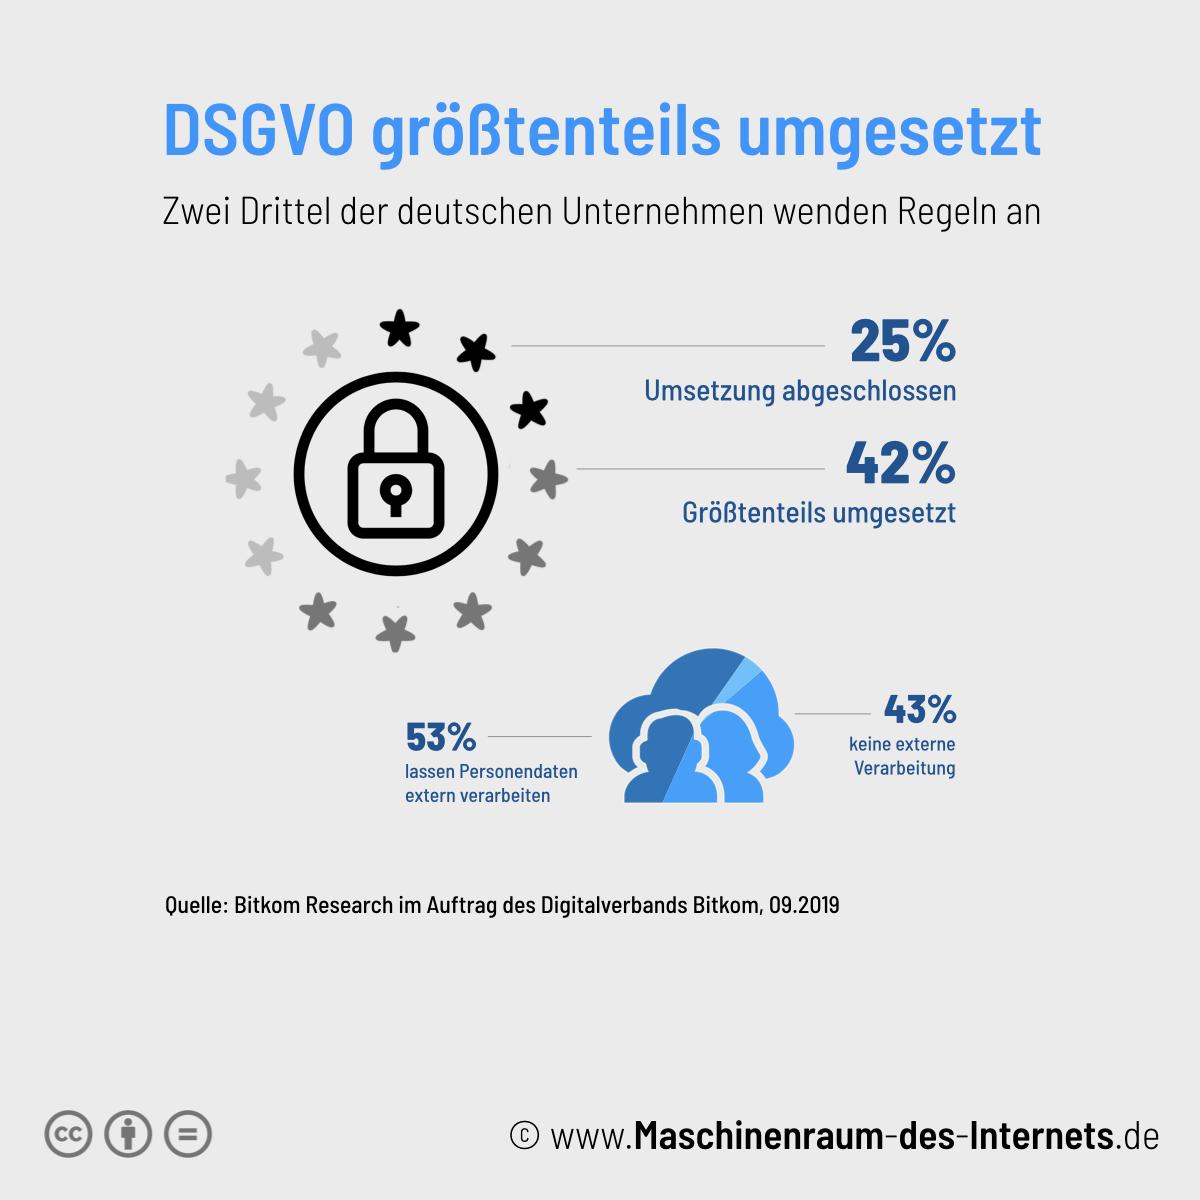 Maschinenraum des Internets ++ DSGVO größtenteils umgesetzt